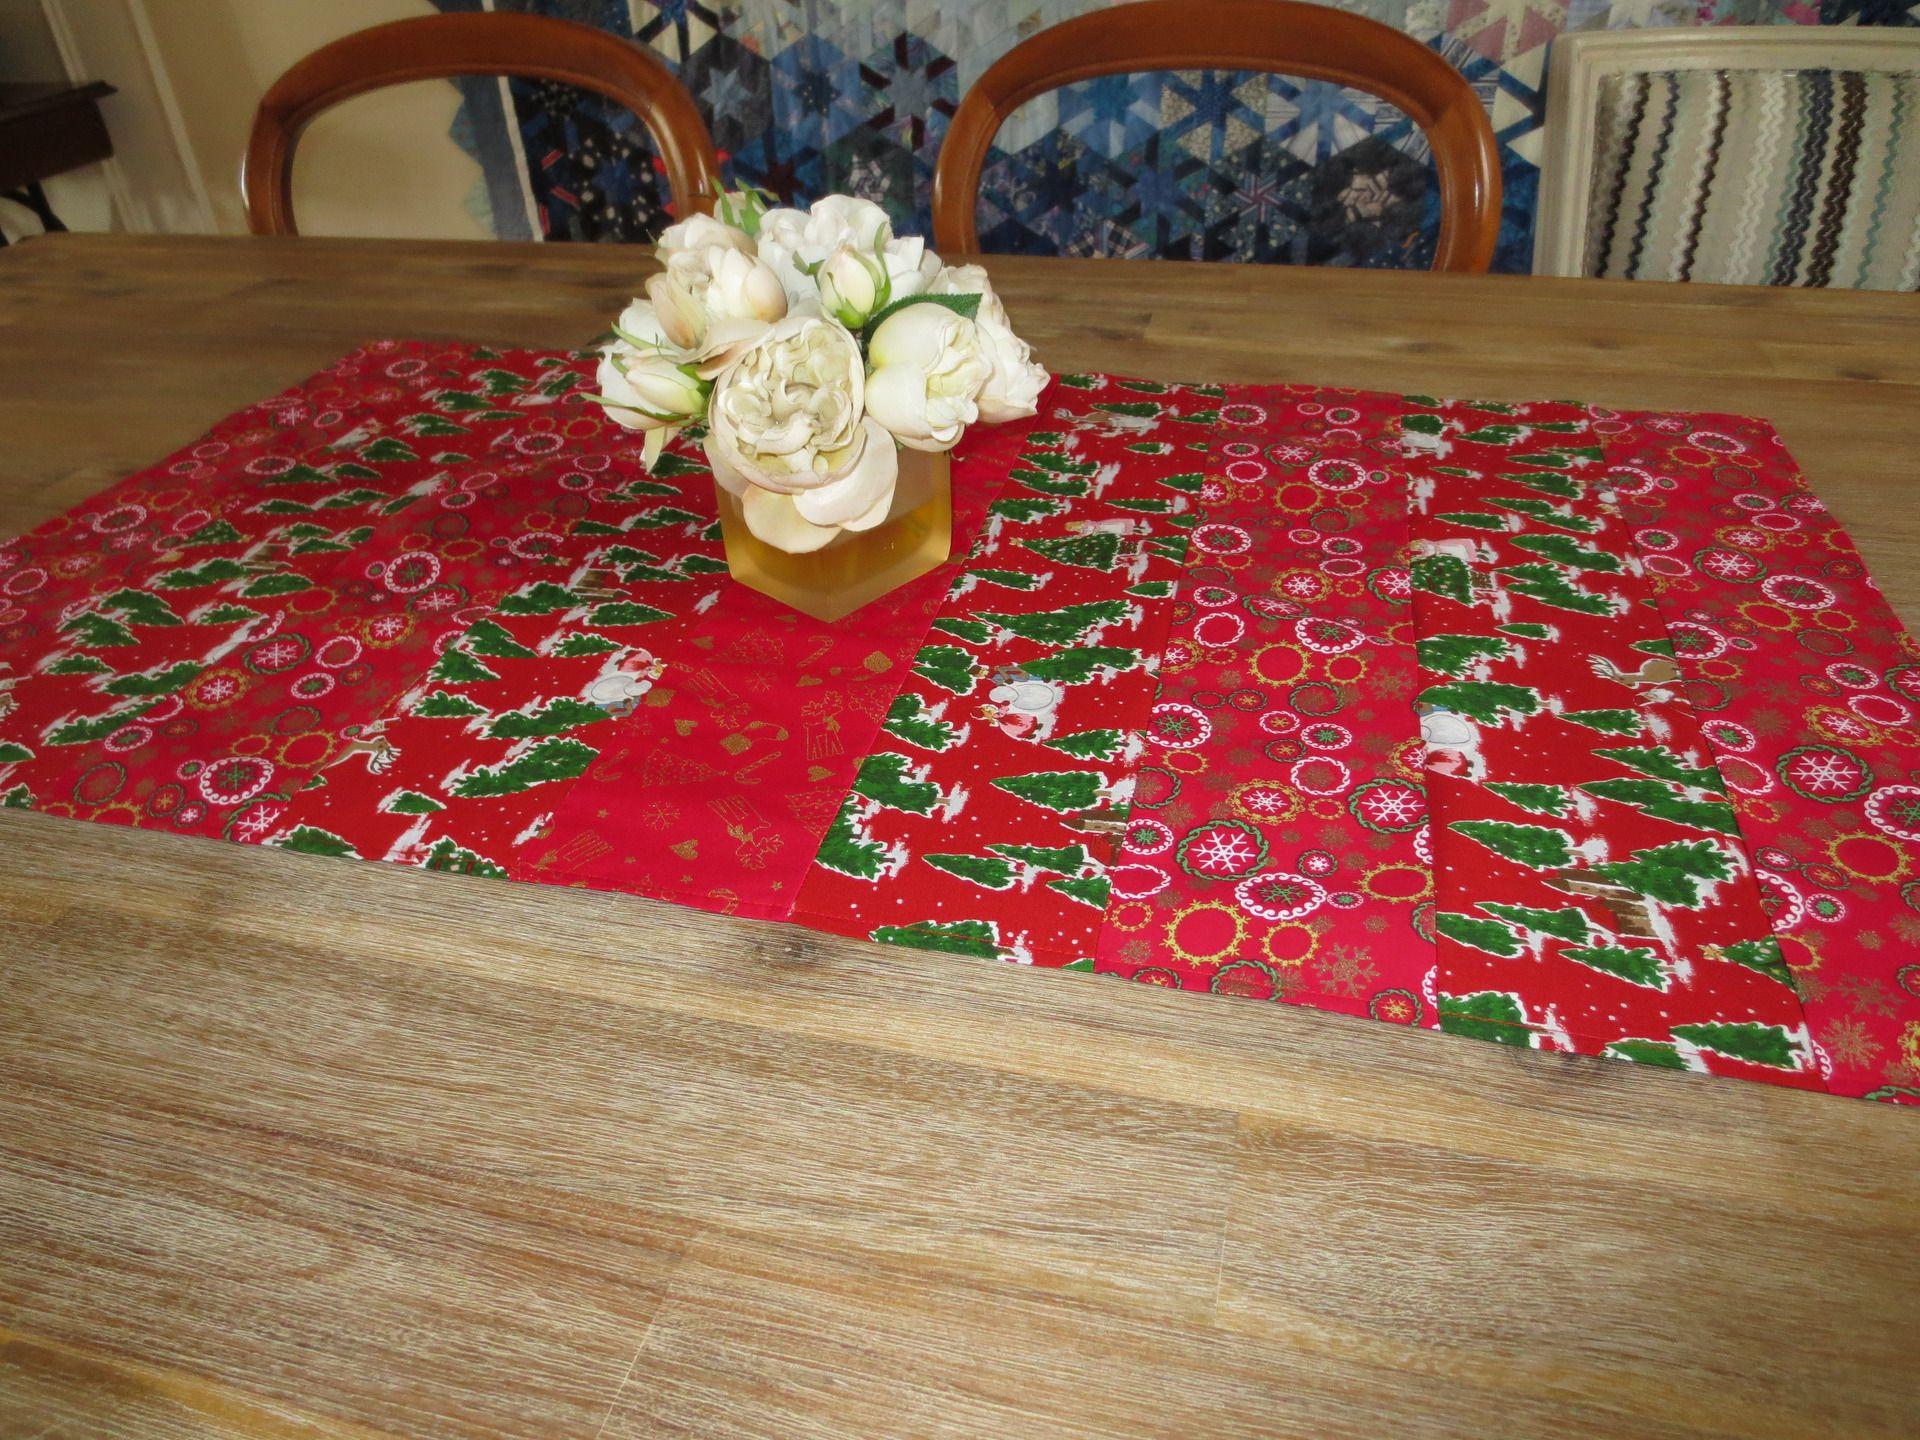 chemin de table nappe en patchwork d coration no l en rouge avec sapins accessoires de mais. Black Bedroom Furniture Sets. Home Design Ideas